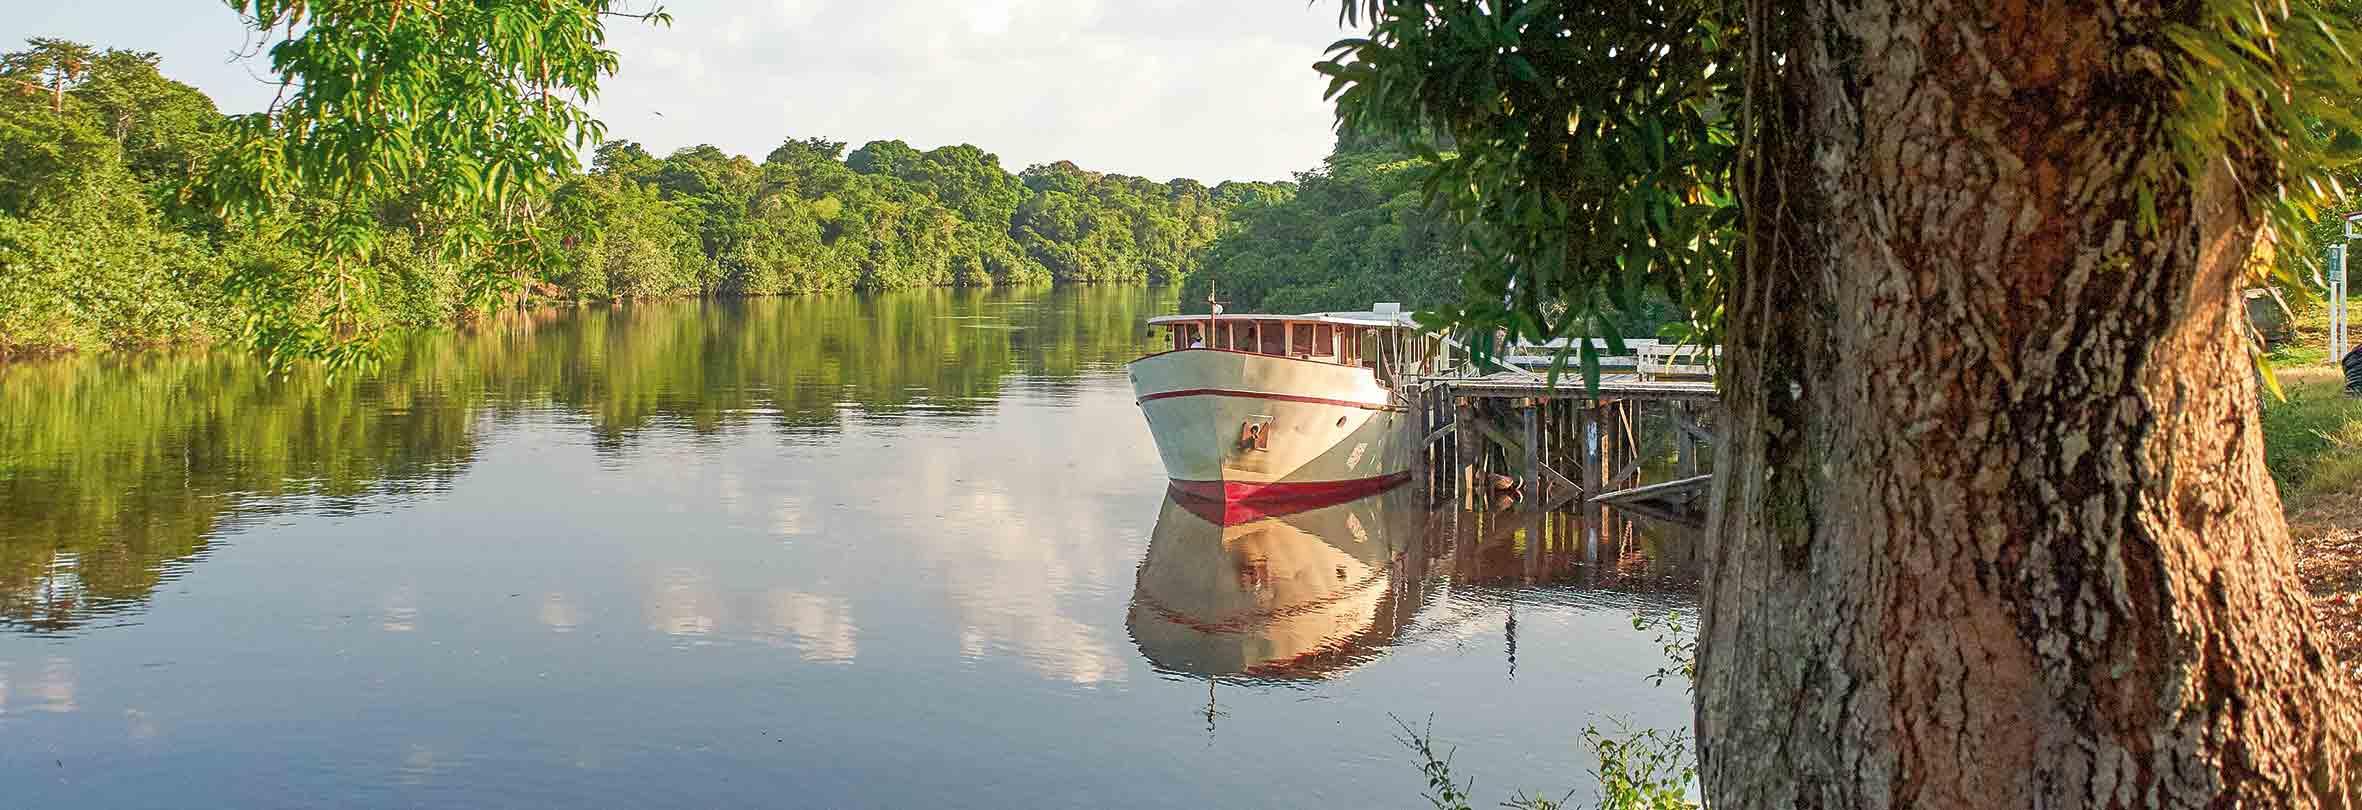 Schifffahrt auf den Flüssen in Suriname